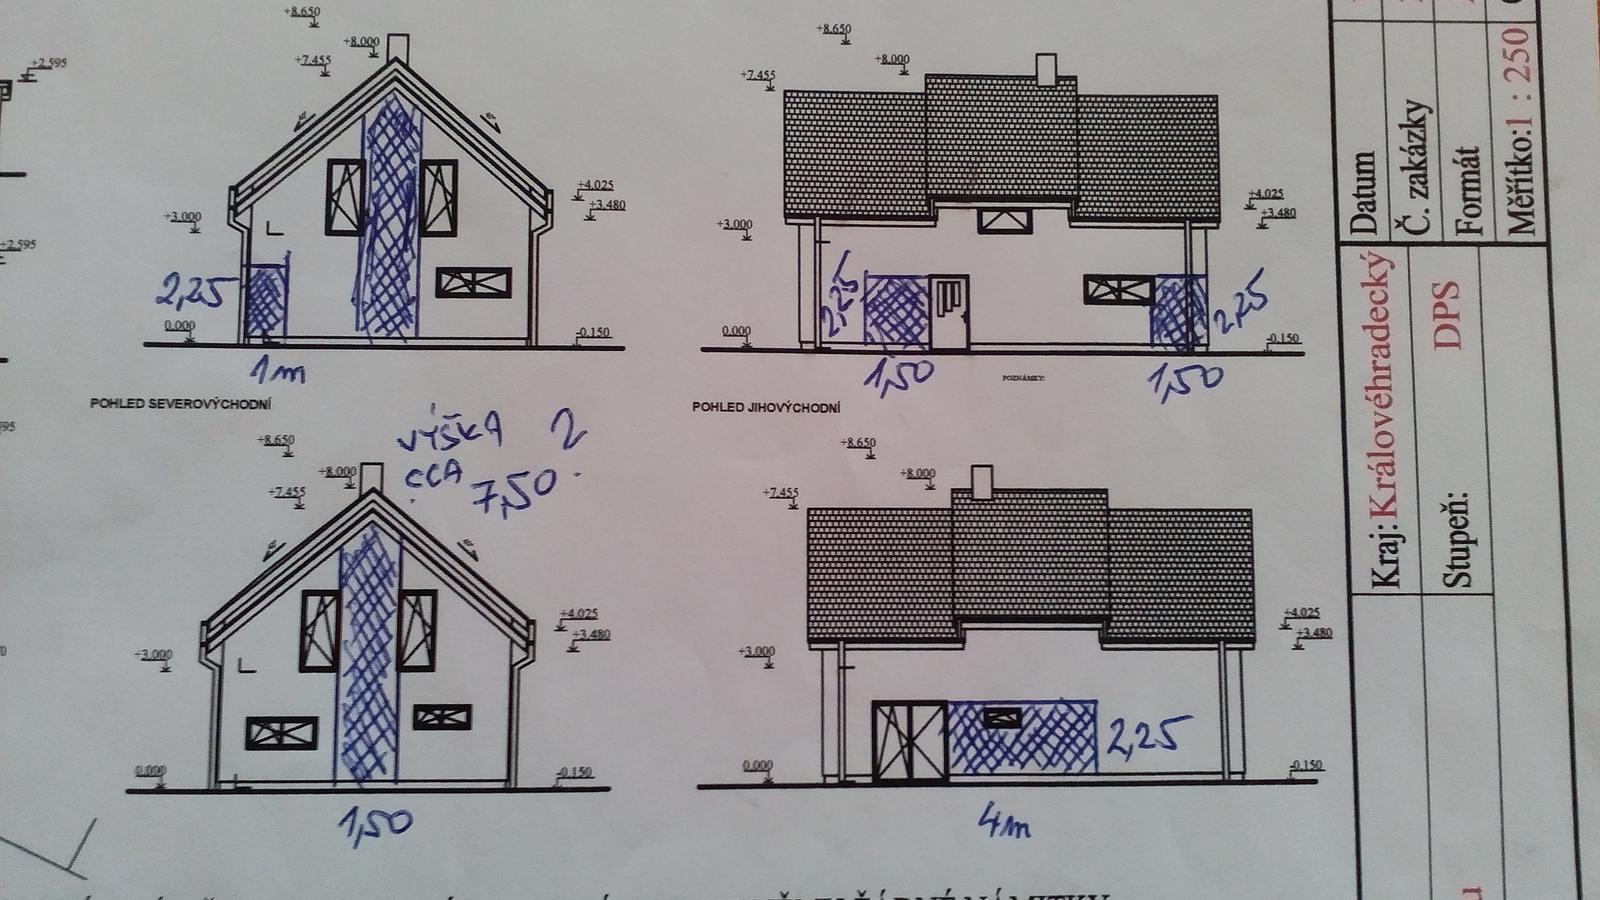 Stavba v kostce - Obrázek č. 52